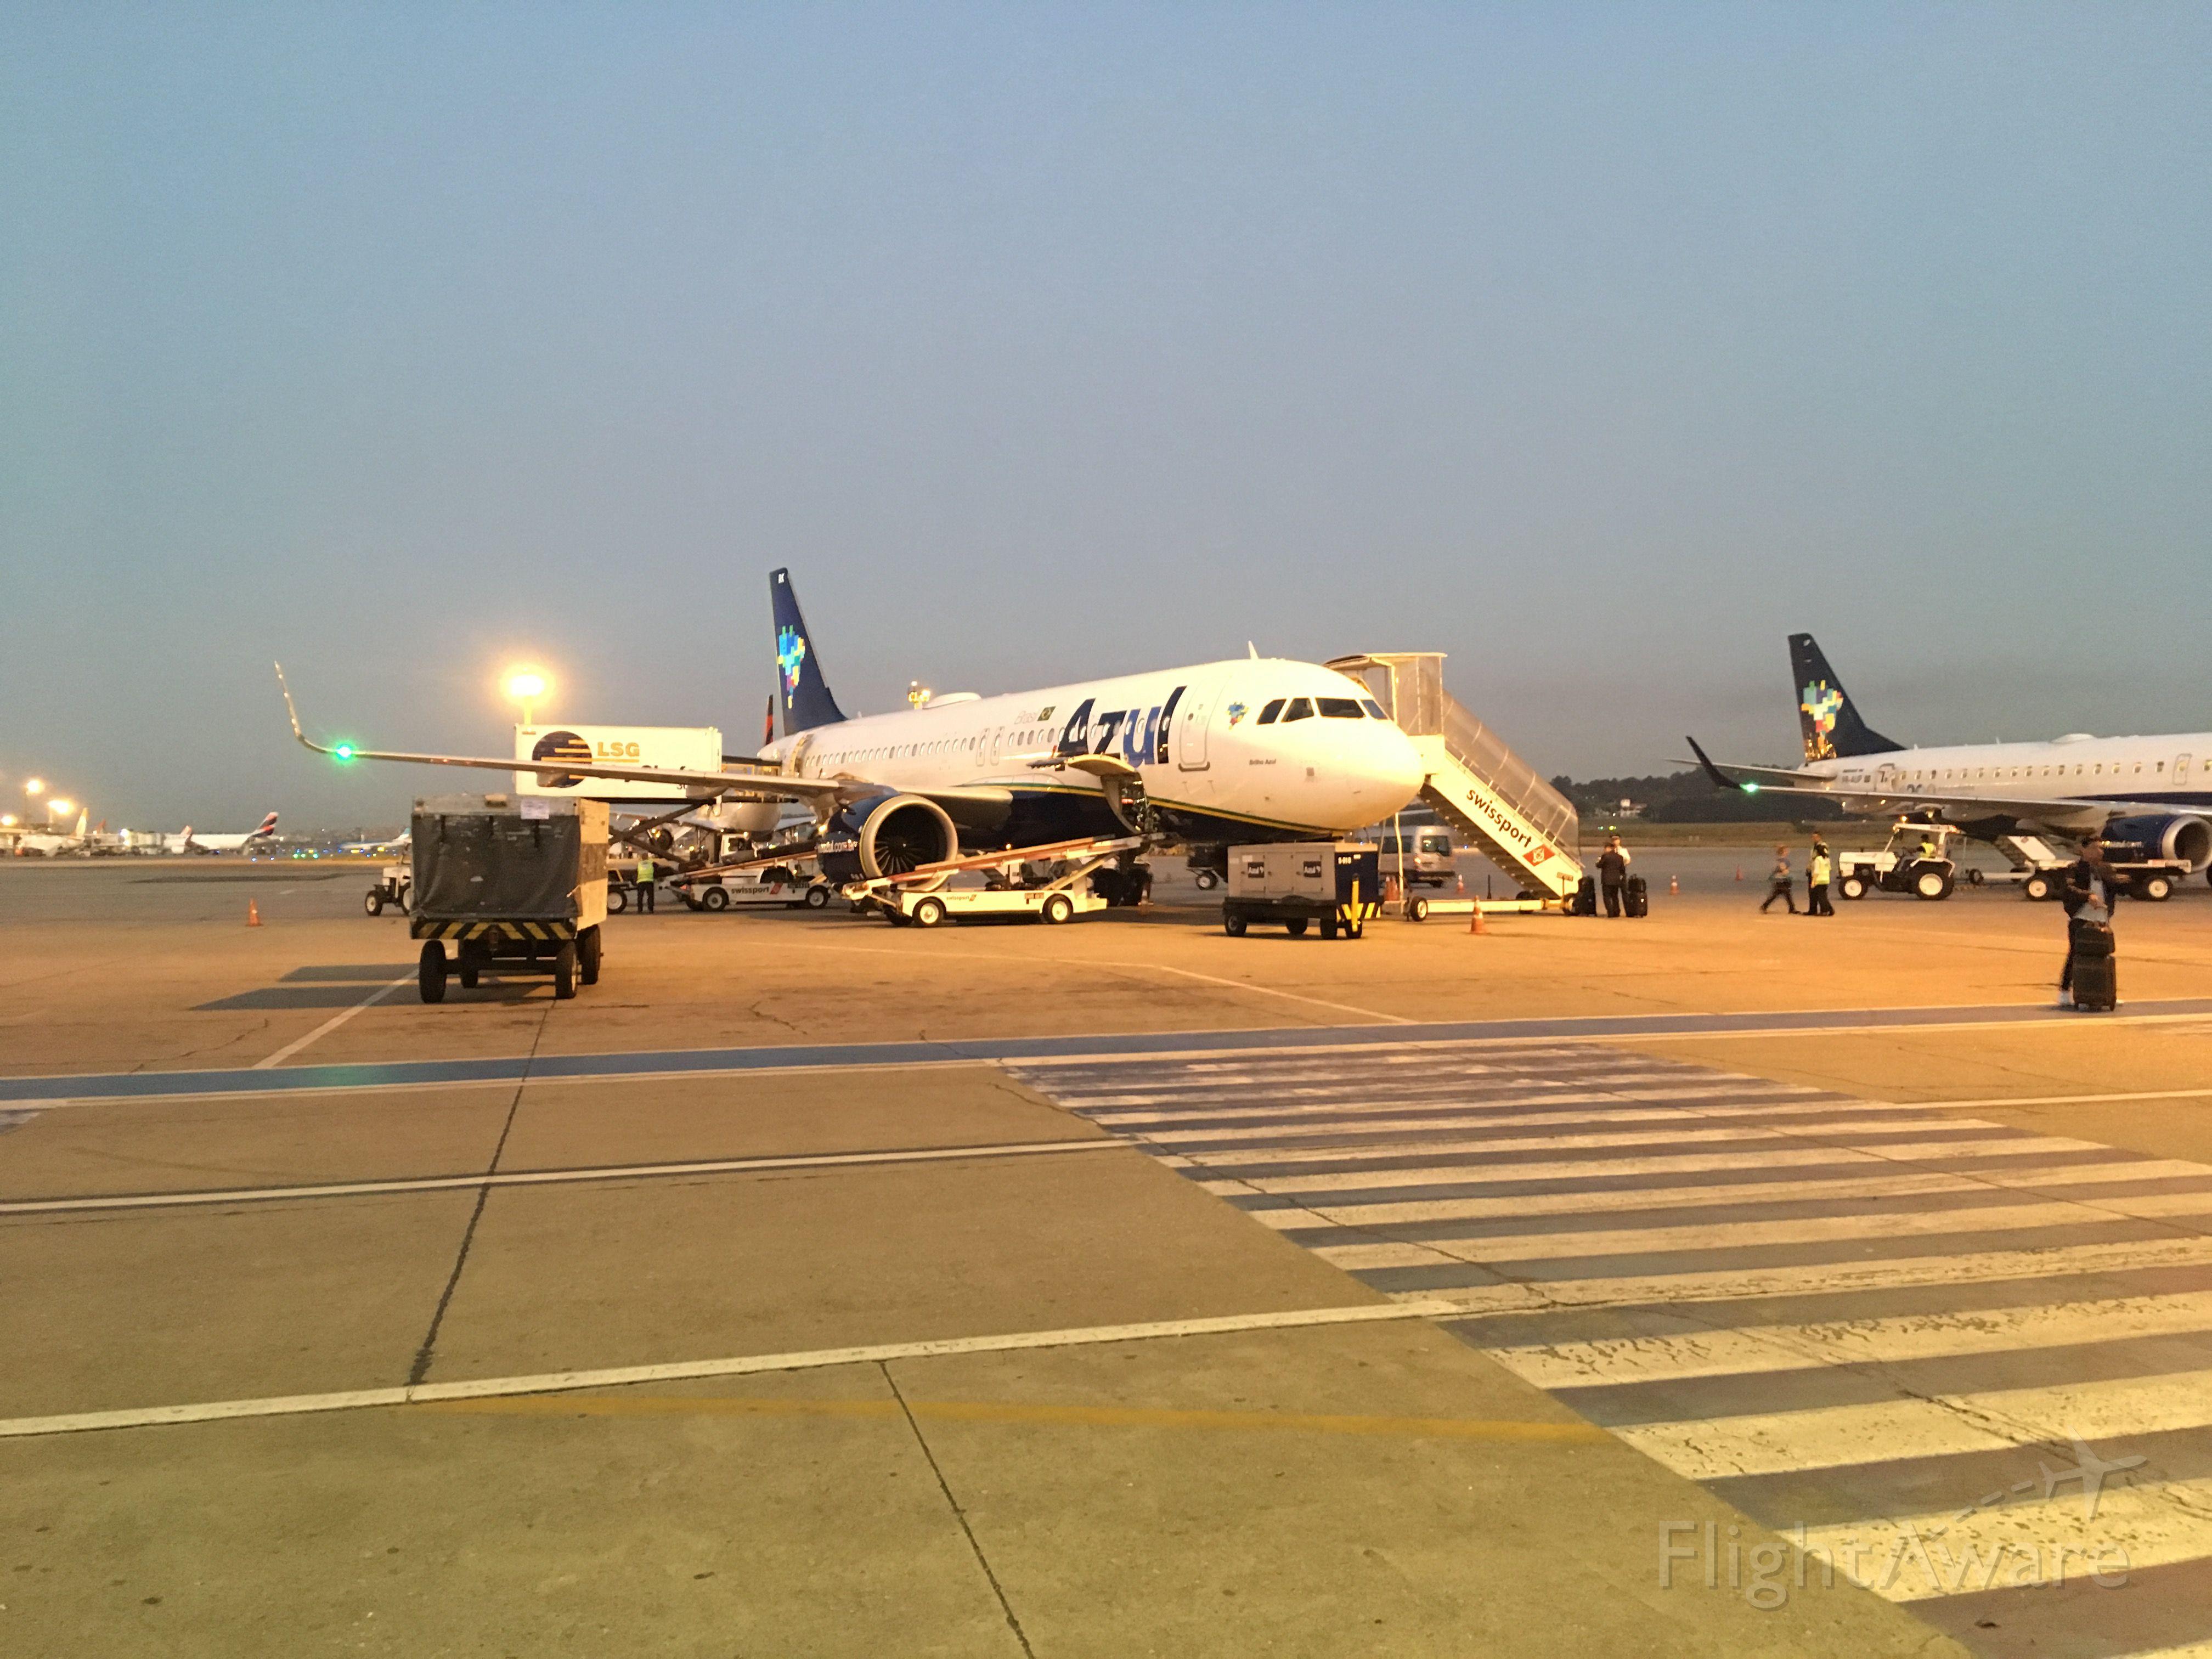 — — - Aeroporto de Guarulhos